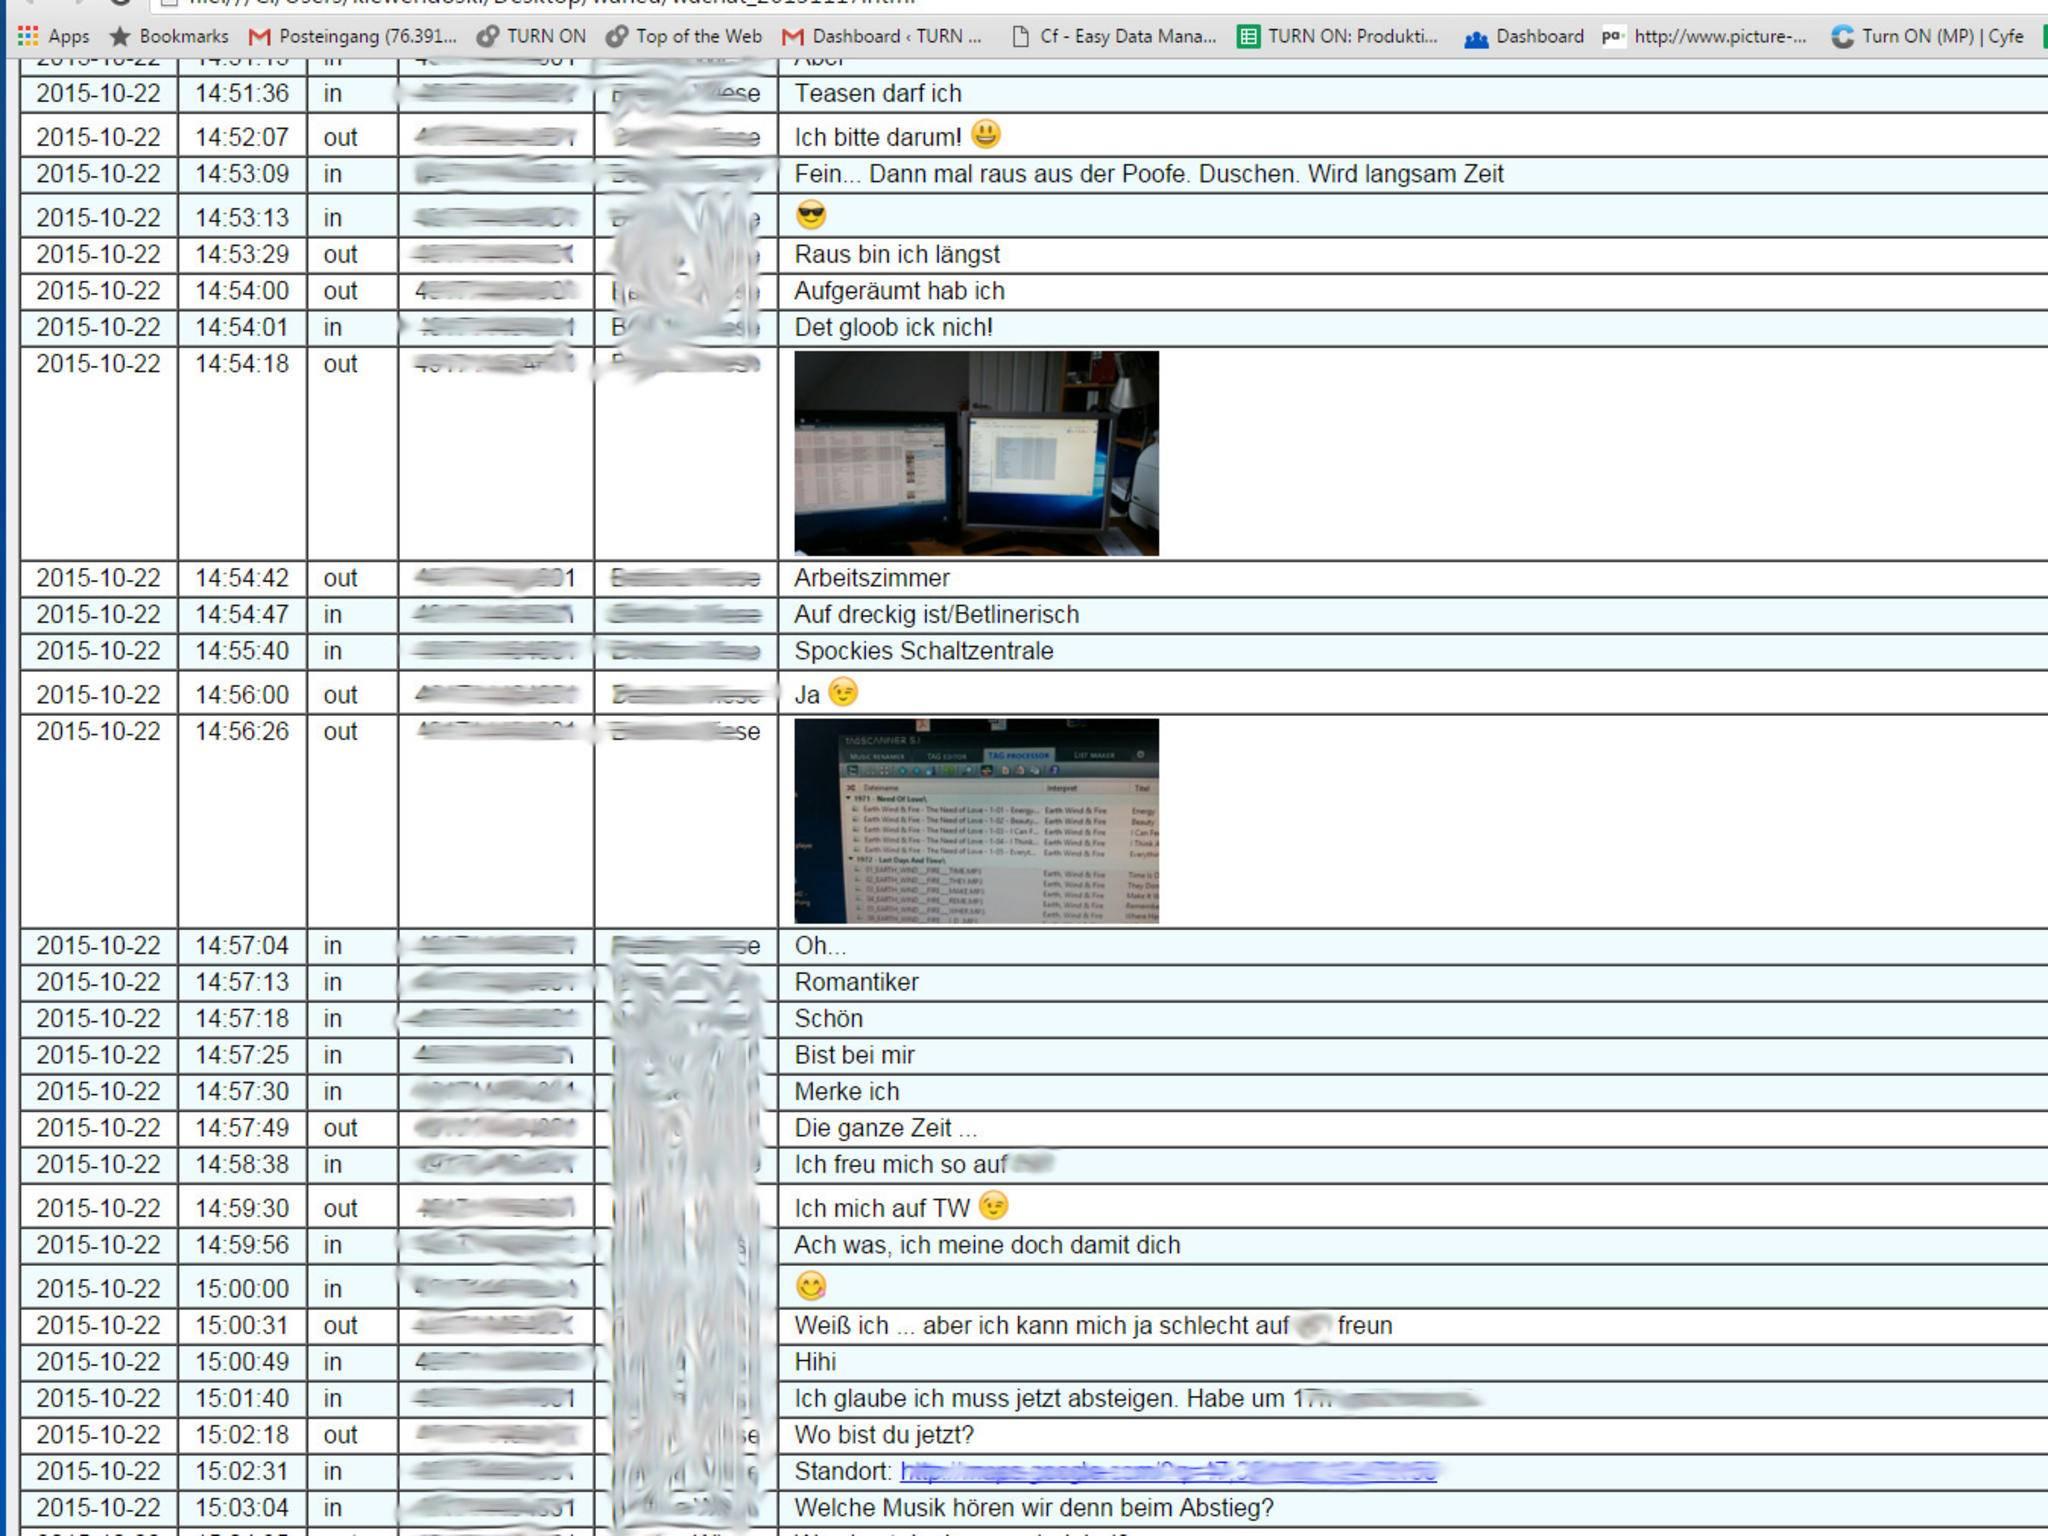 ... oder auch als übersichtliche Web-Tabelle.